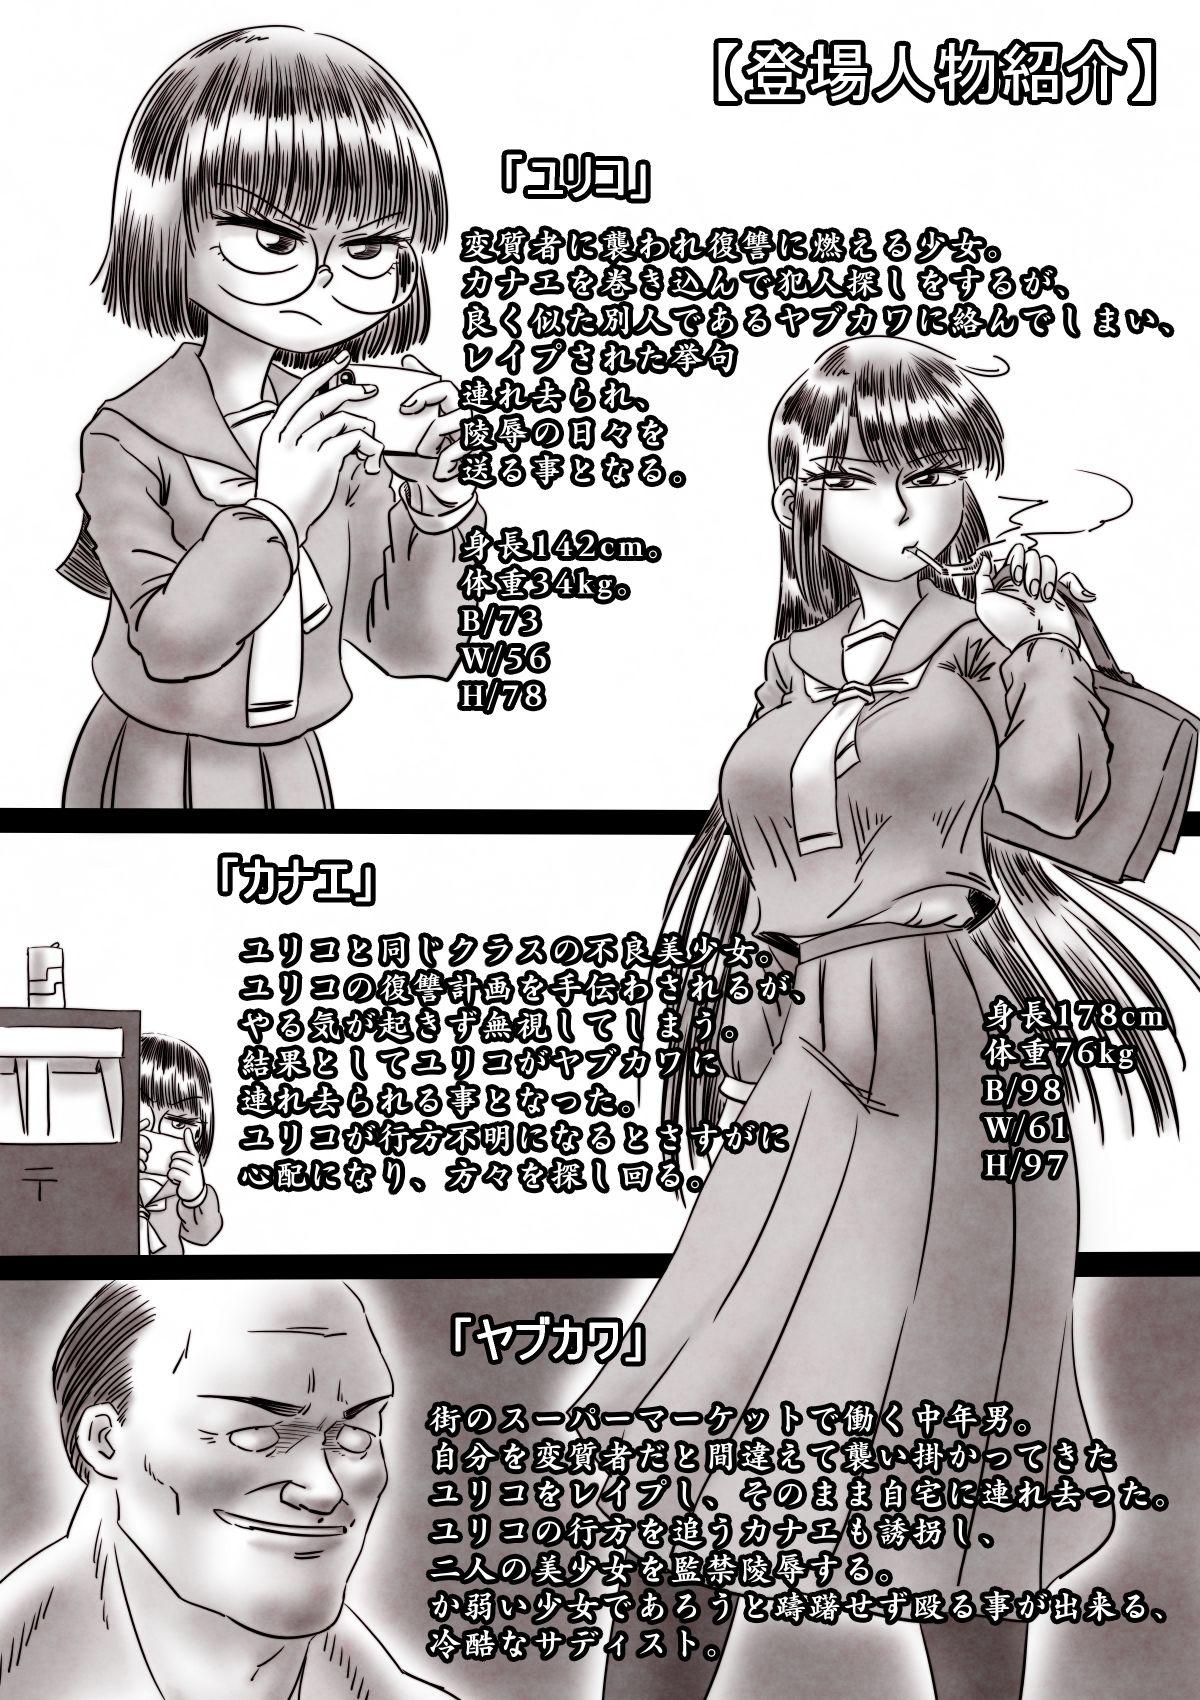 処女を喰う鬼・前編